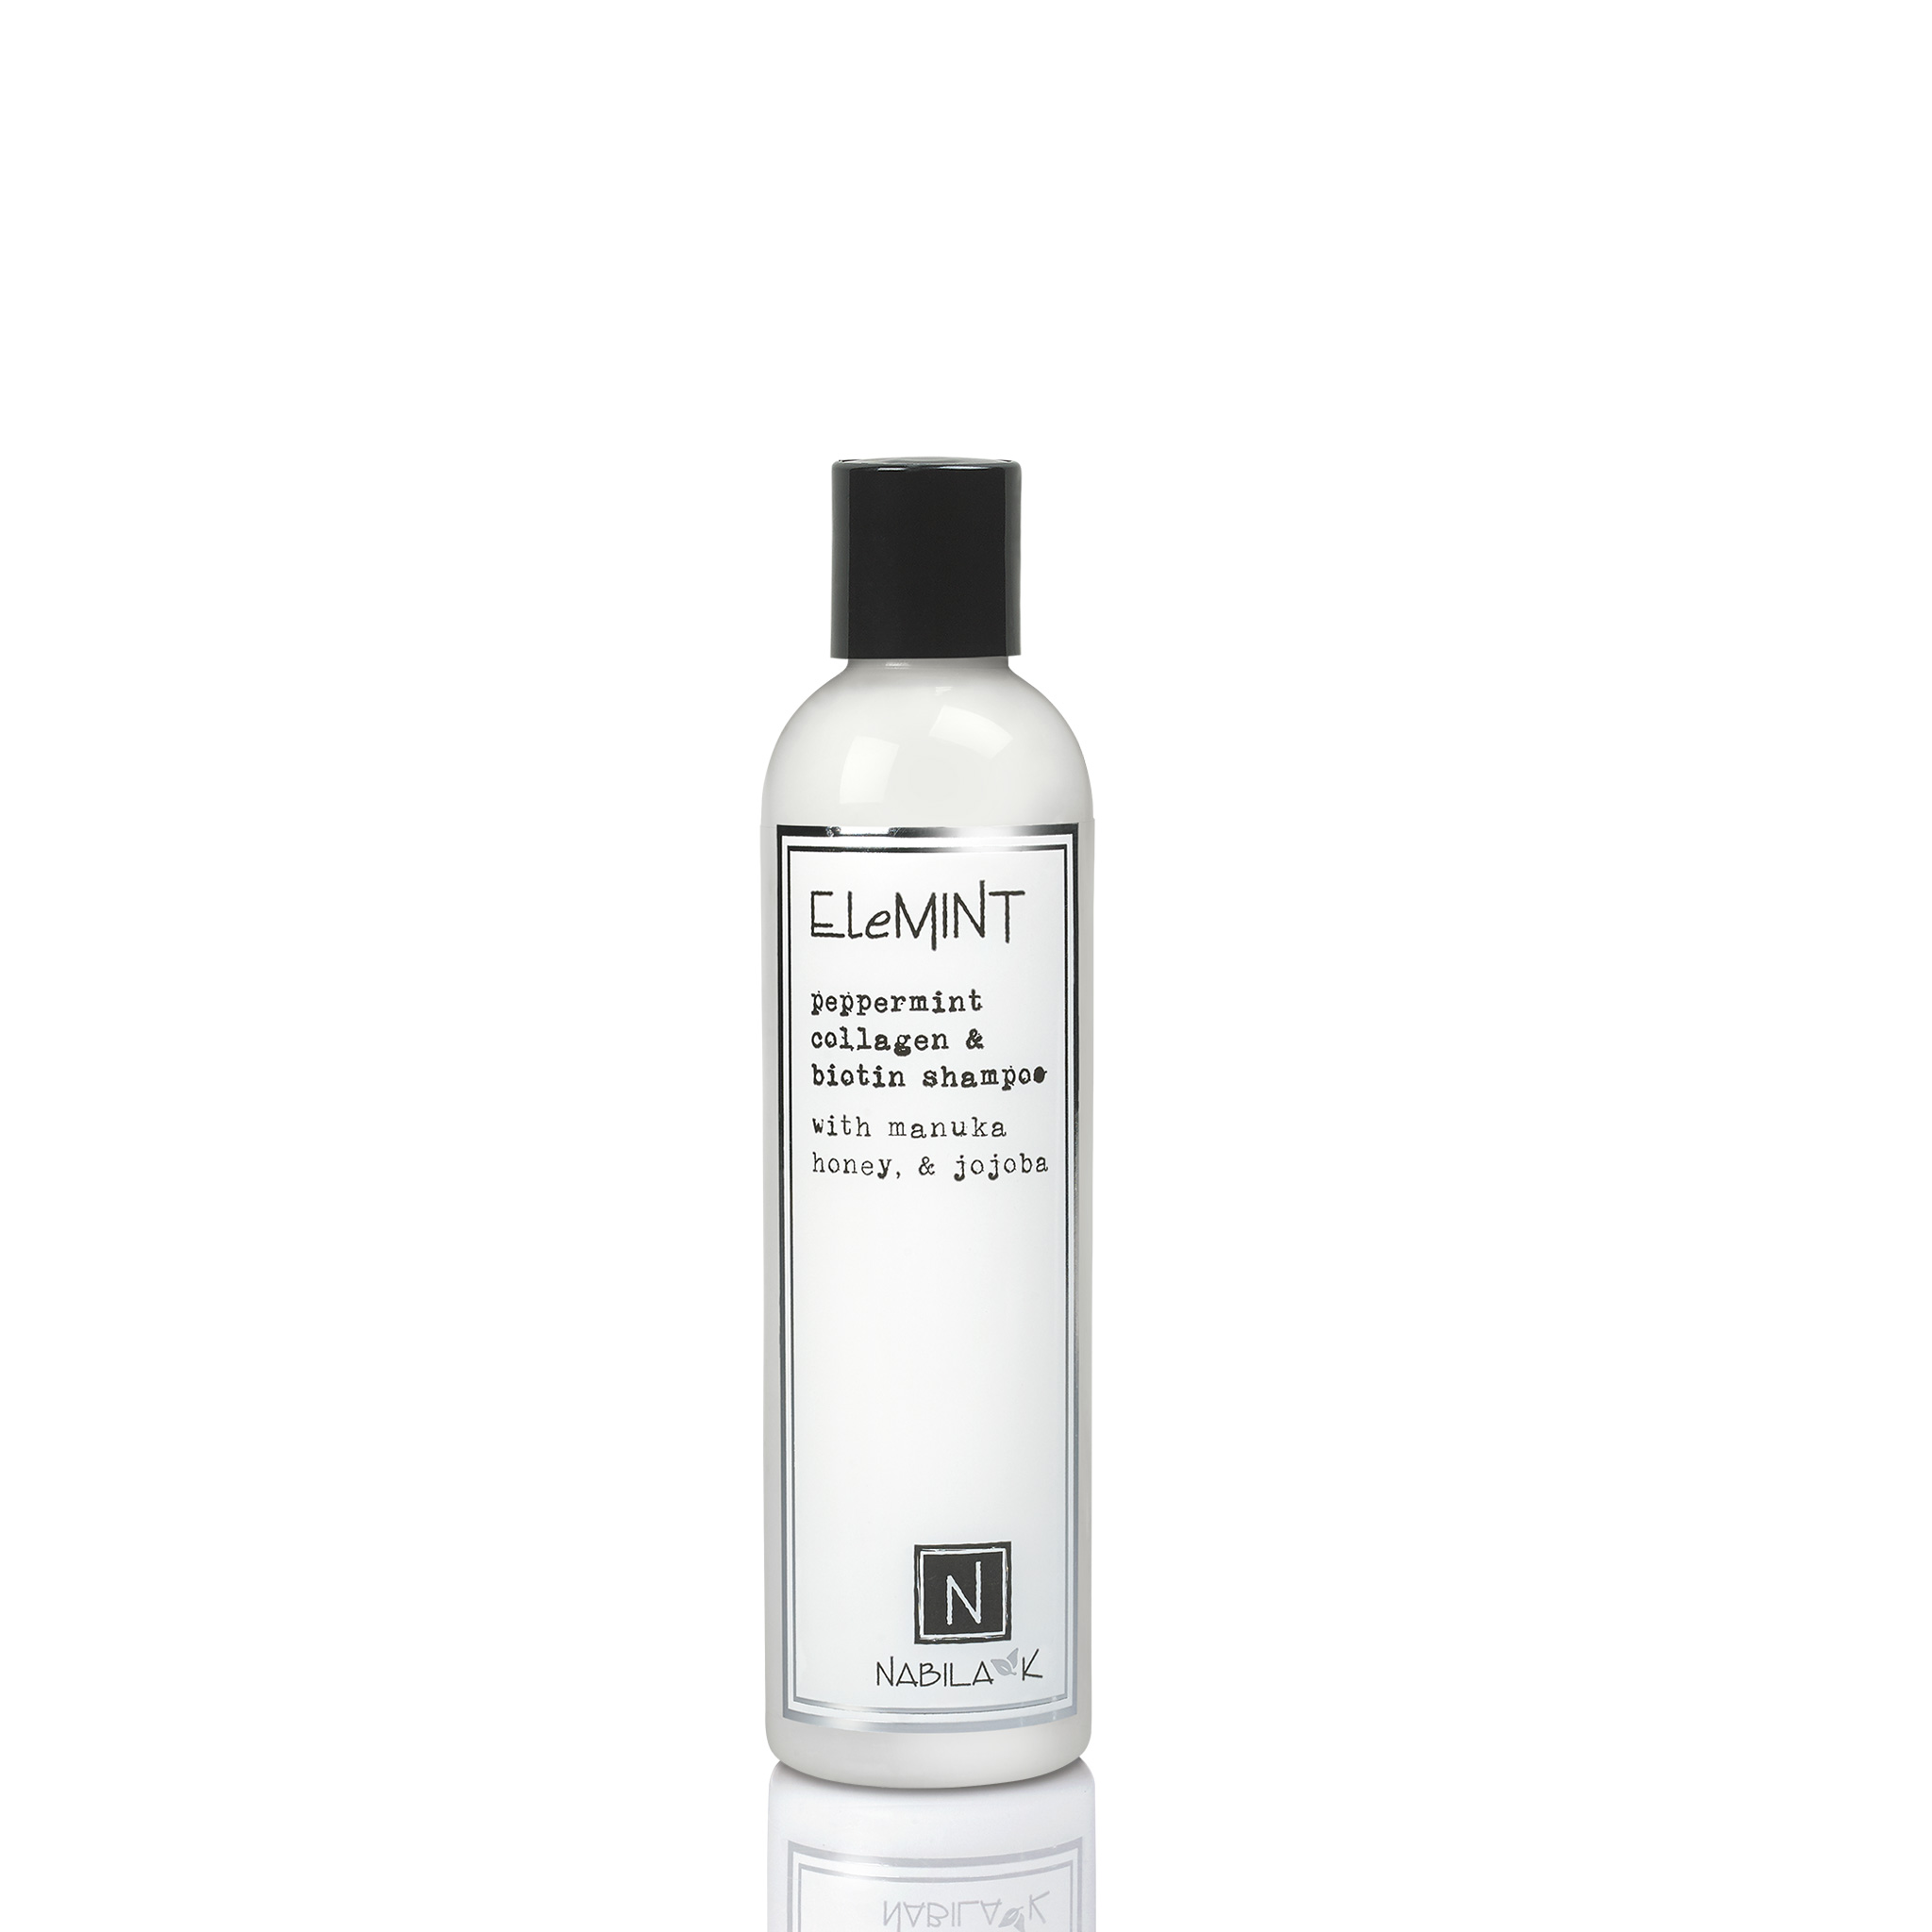 1 Large Sized Bottle of Elemint Peppermint Collagen and Biotin Shampoo with Manuka Honey and Jojoba